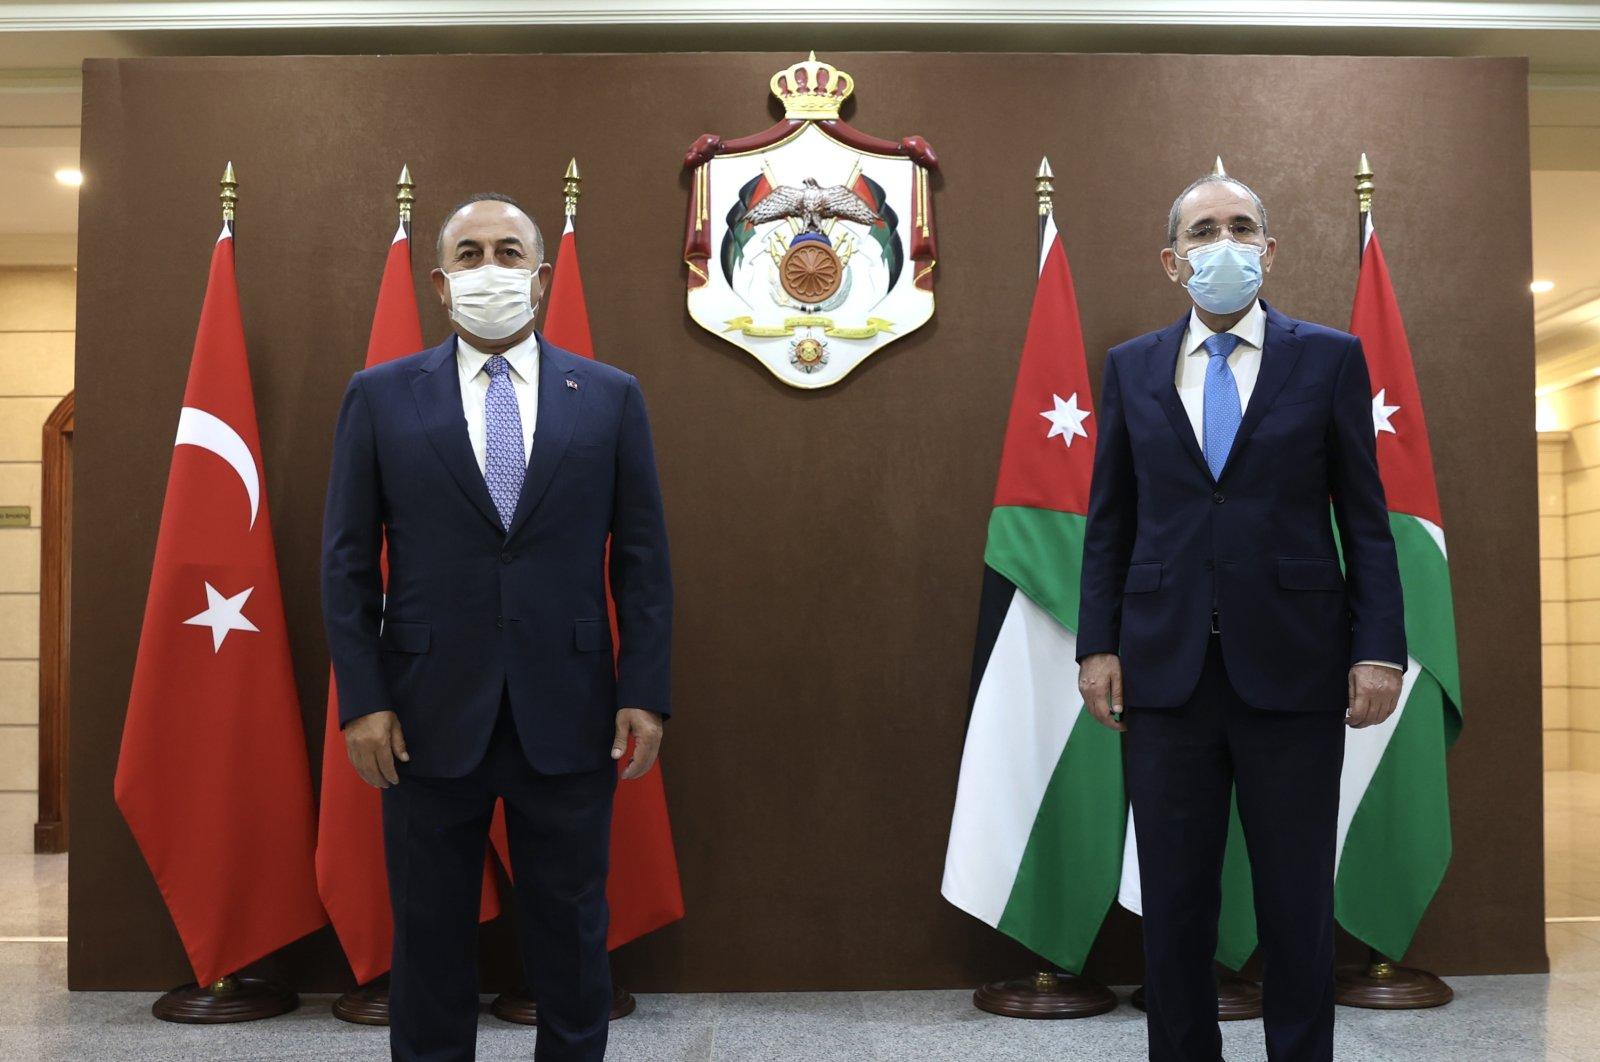 Foreign Minister Mevlüt Çavuşoğlu (L) and his Jordanian counterpart Ayman Safadi meet in Amman, Jordan, Aug. 17, 2021. (AA Photo)